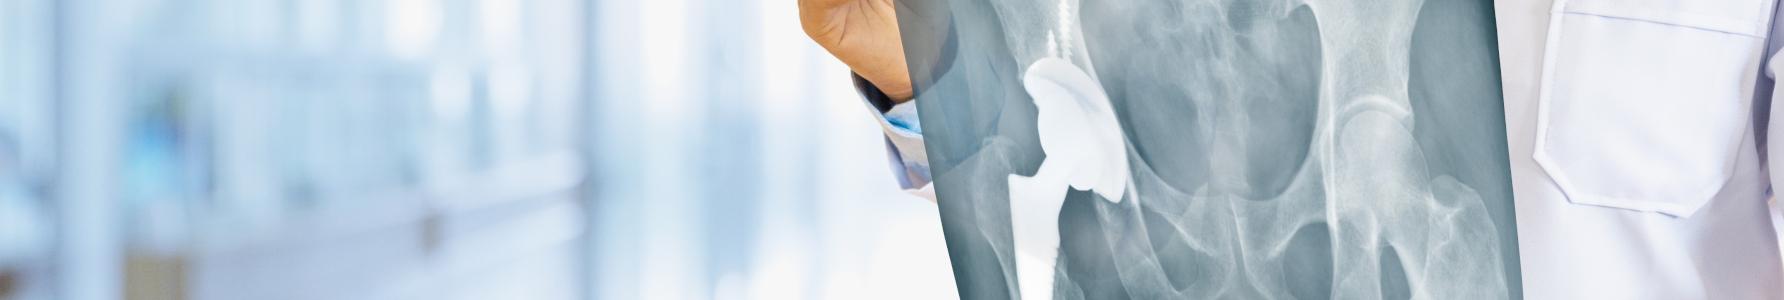 Choroba Pageta - lekarz trzymający zdjęcie RTG miednicy i kończyn dolnych.